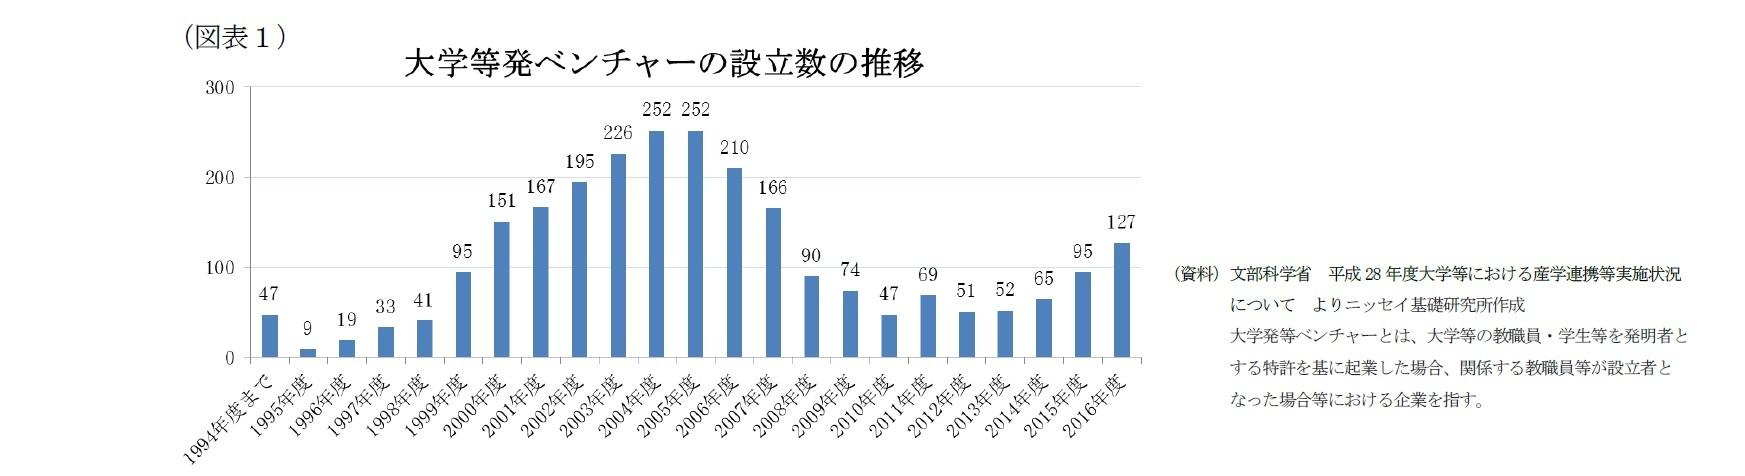 (図表1)大学等発ベンチャーの設立数の推移